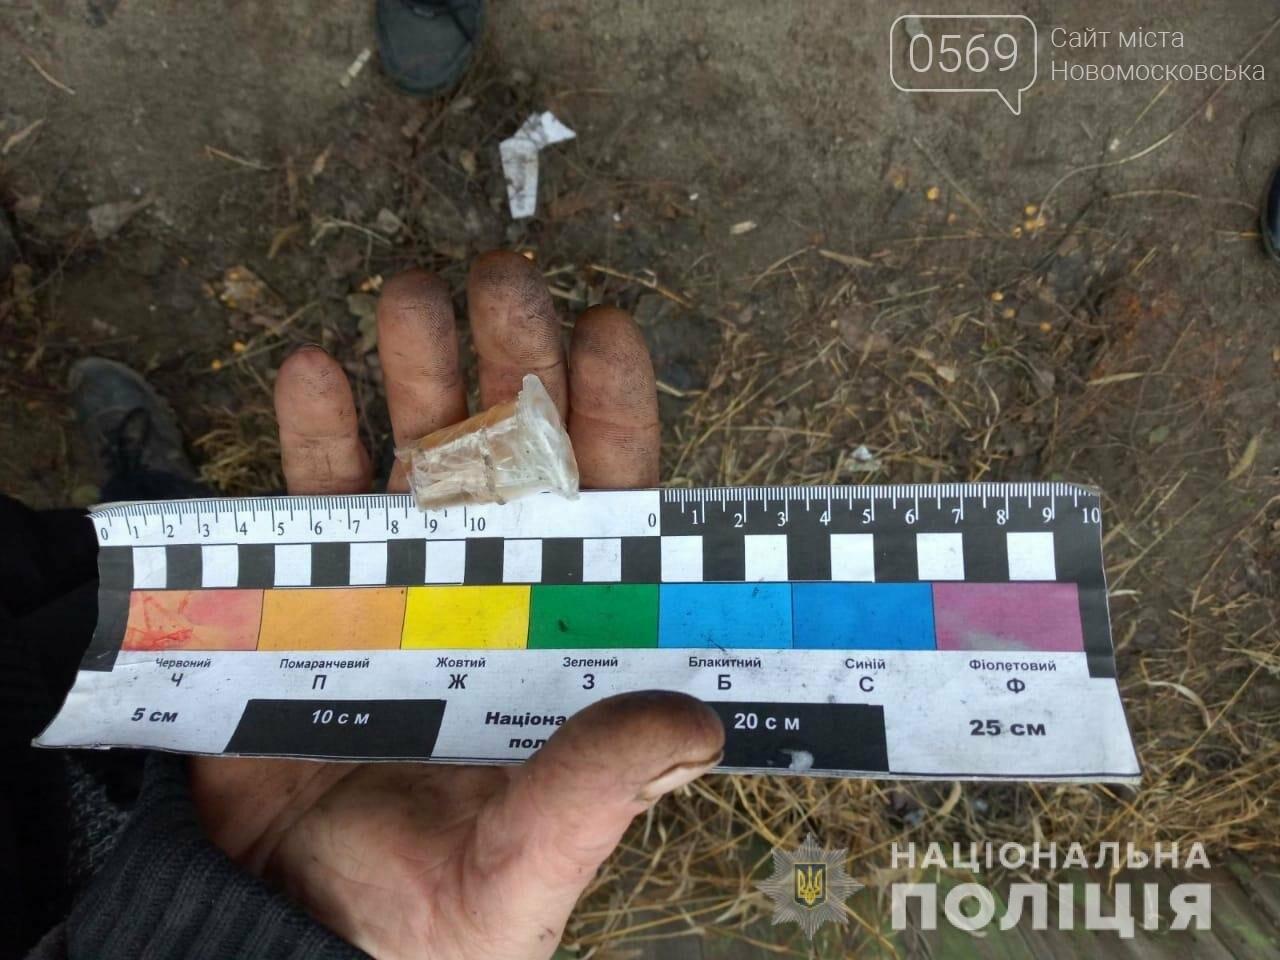 У 5-х мешканців Новомосковська знайшли наркотики, фото-1